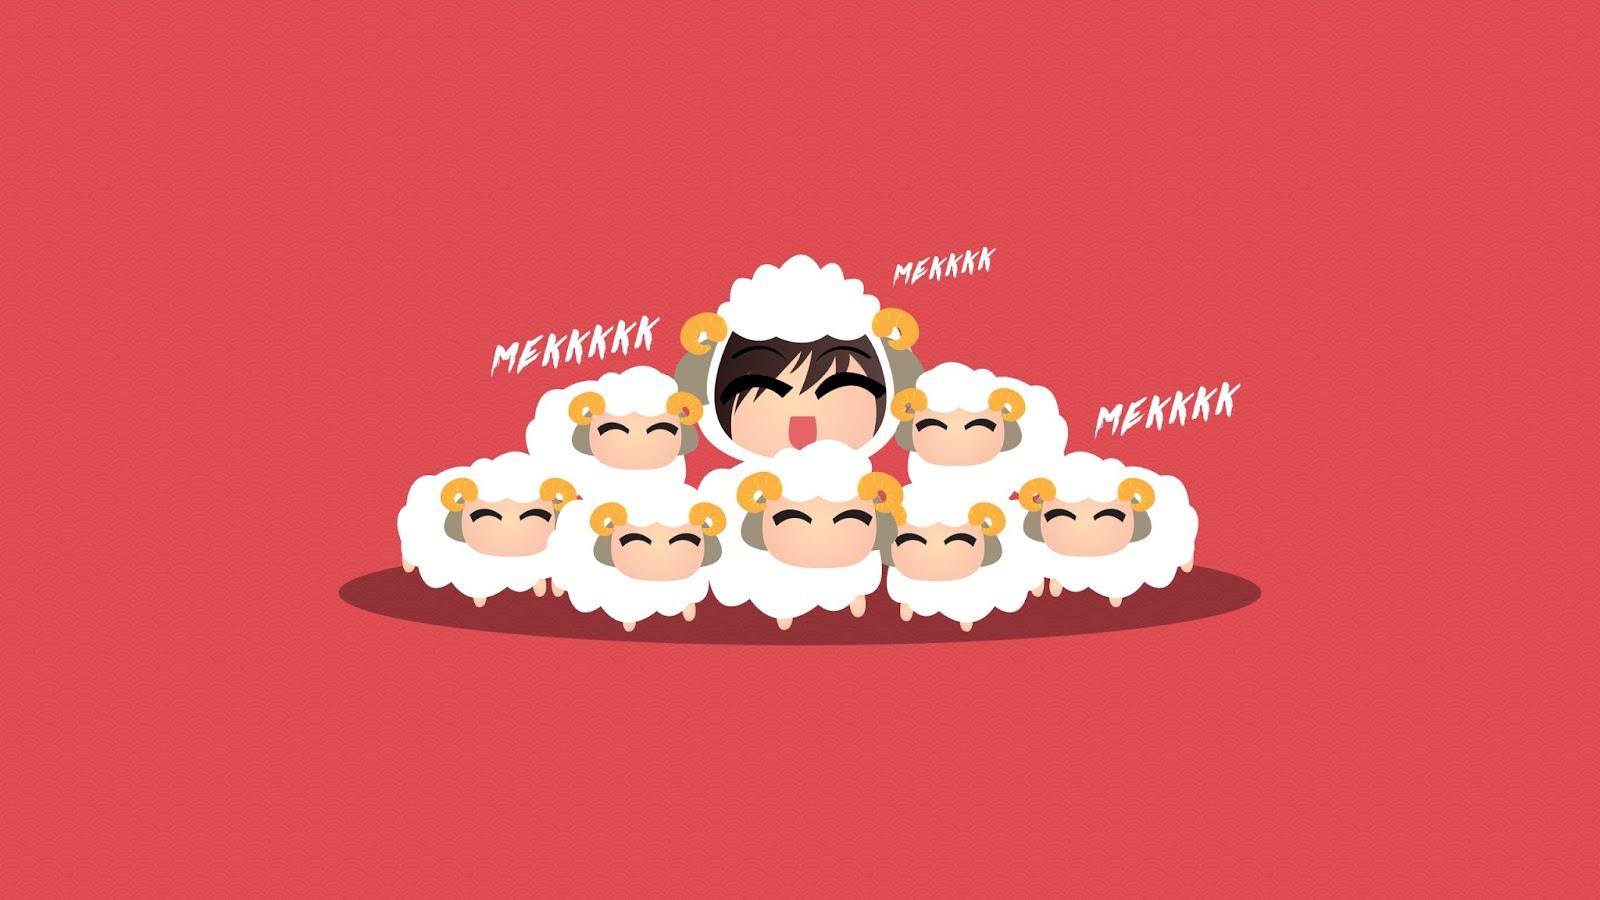 Wallpaper Mekk Mekkkk Happy Chinese New Year Mekkkk Cheechingy